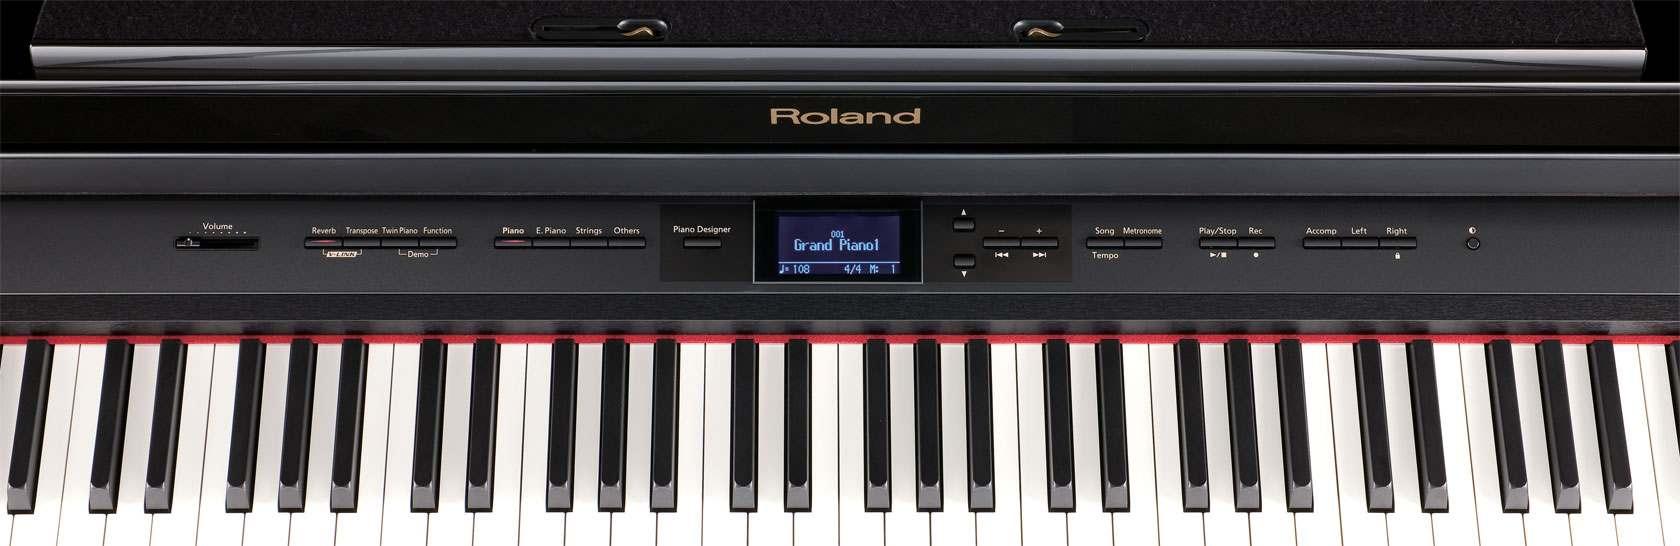 roland-hp-307-5